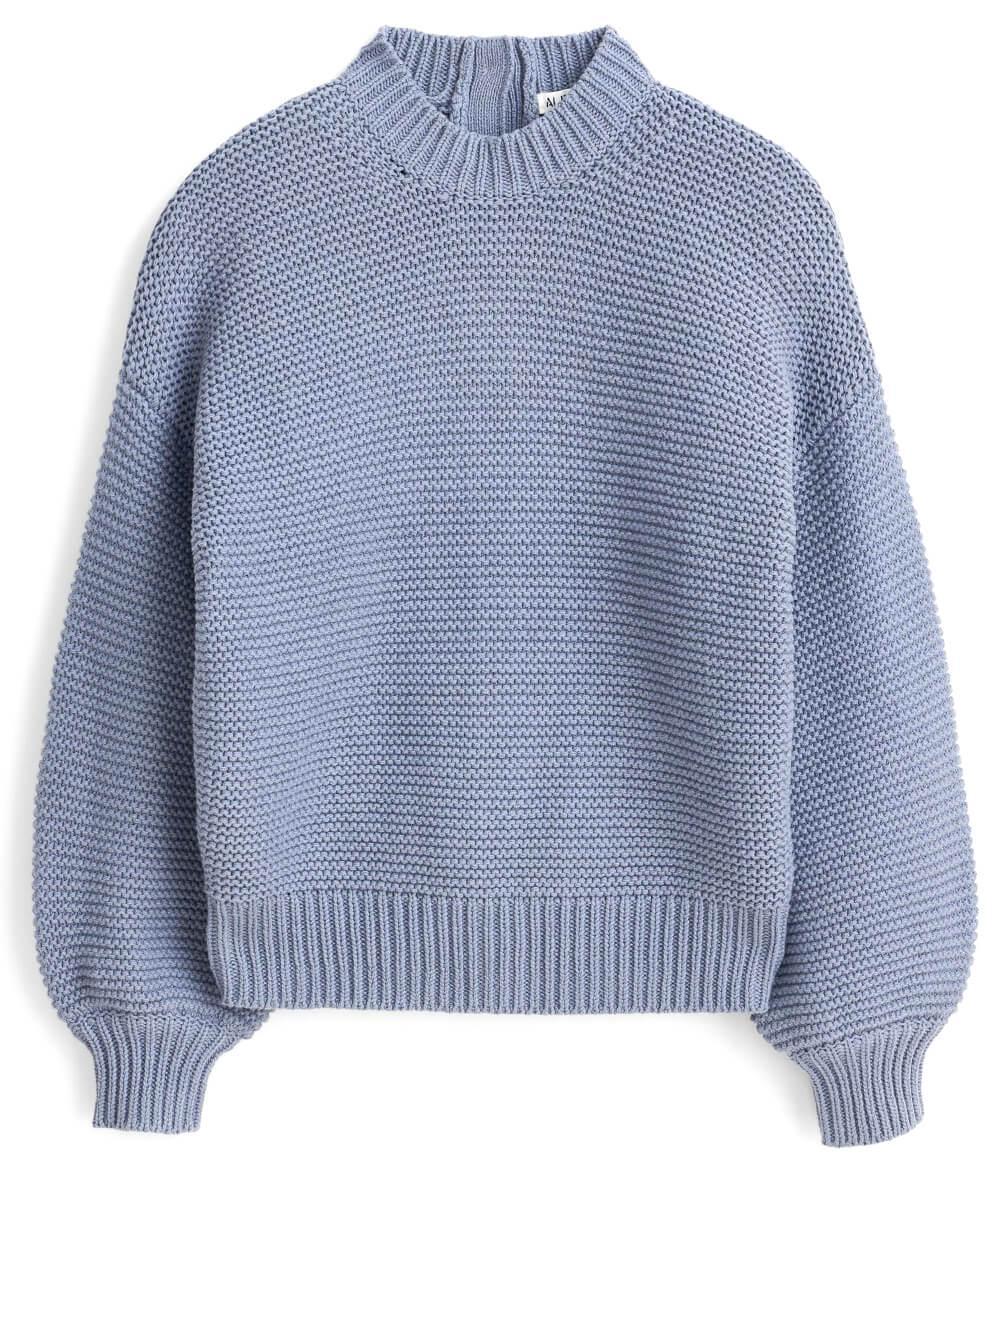 Buttonback Crewneck Sweater